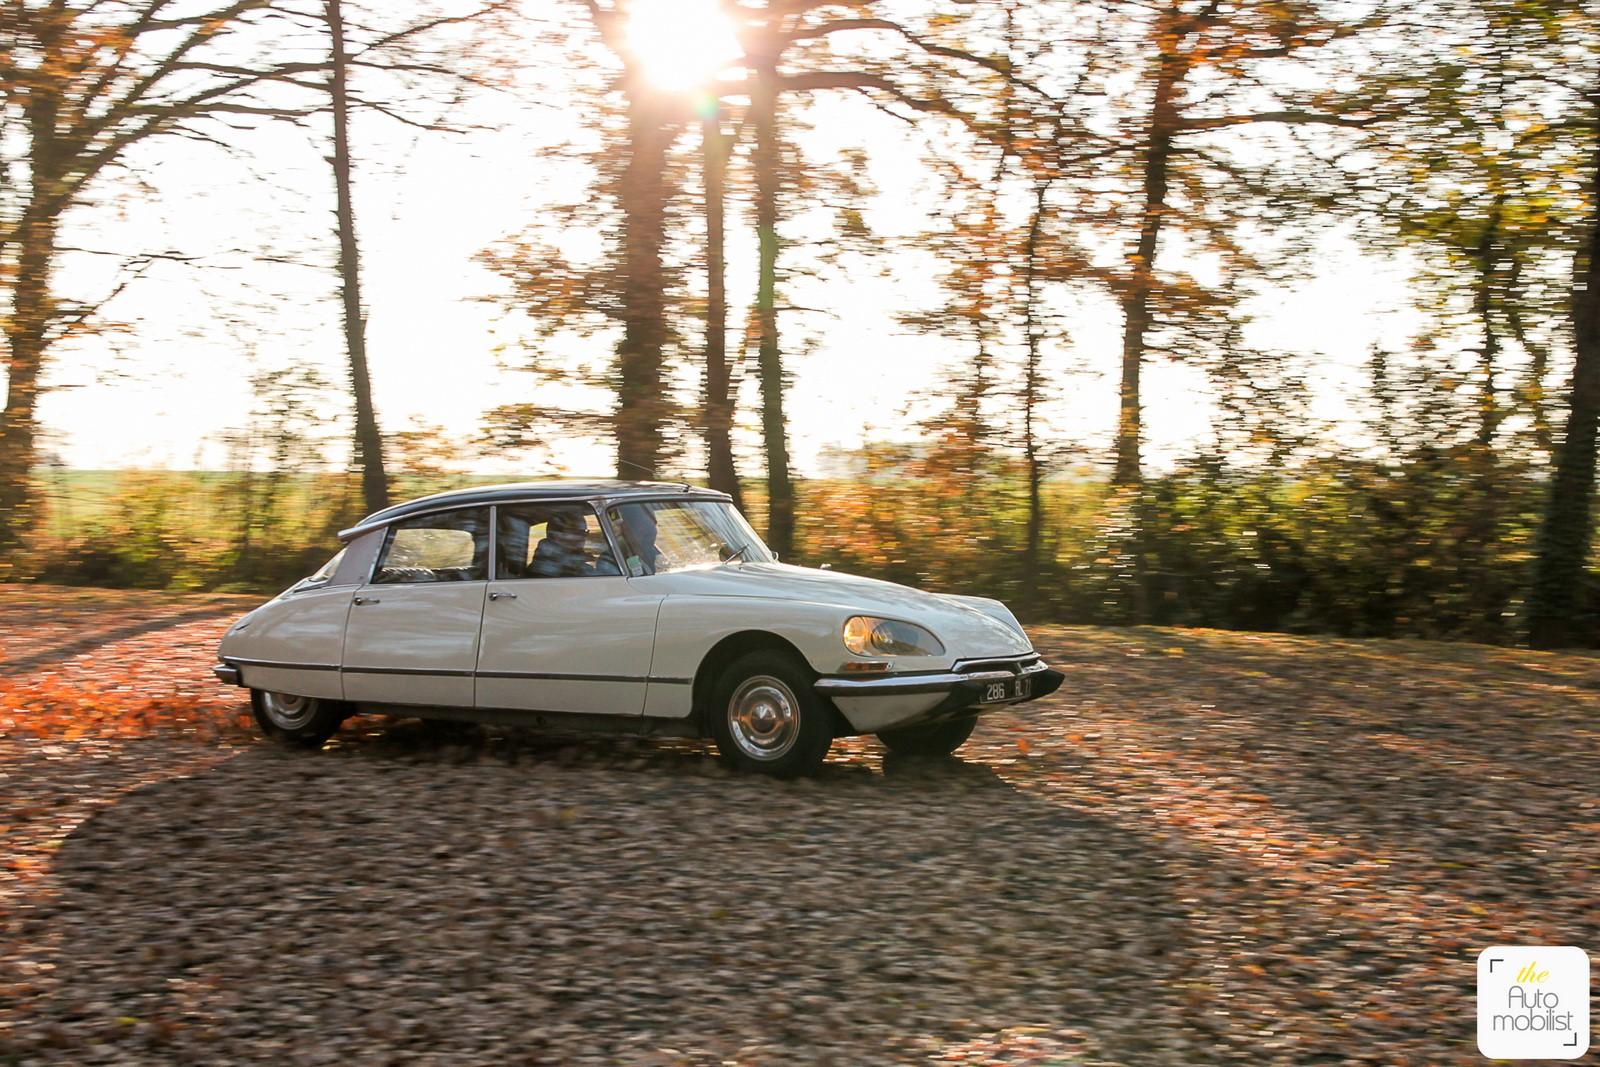 DS 20 Pallas 1969 AL The Automobilists 2018 30